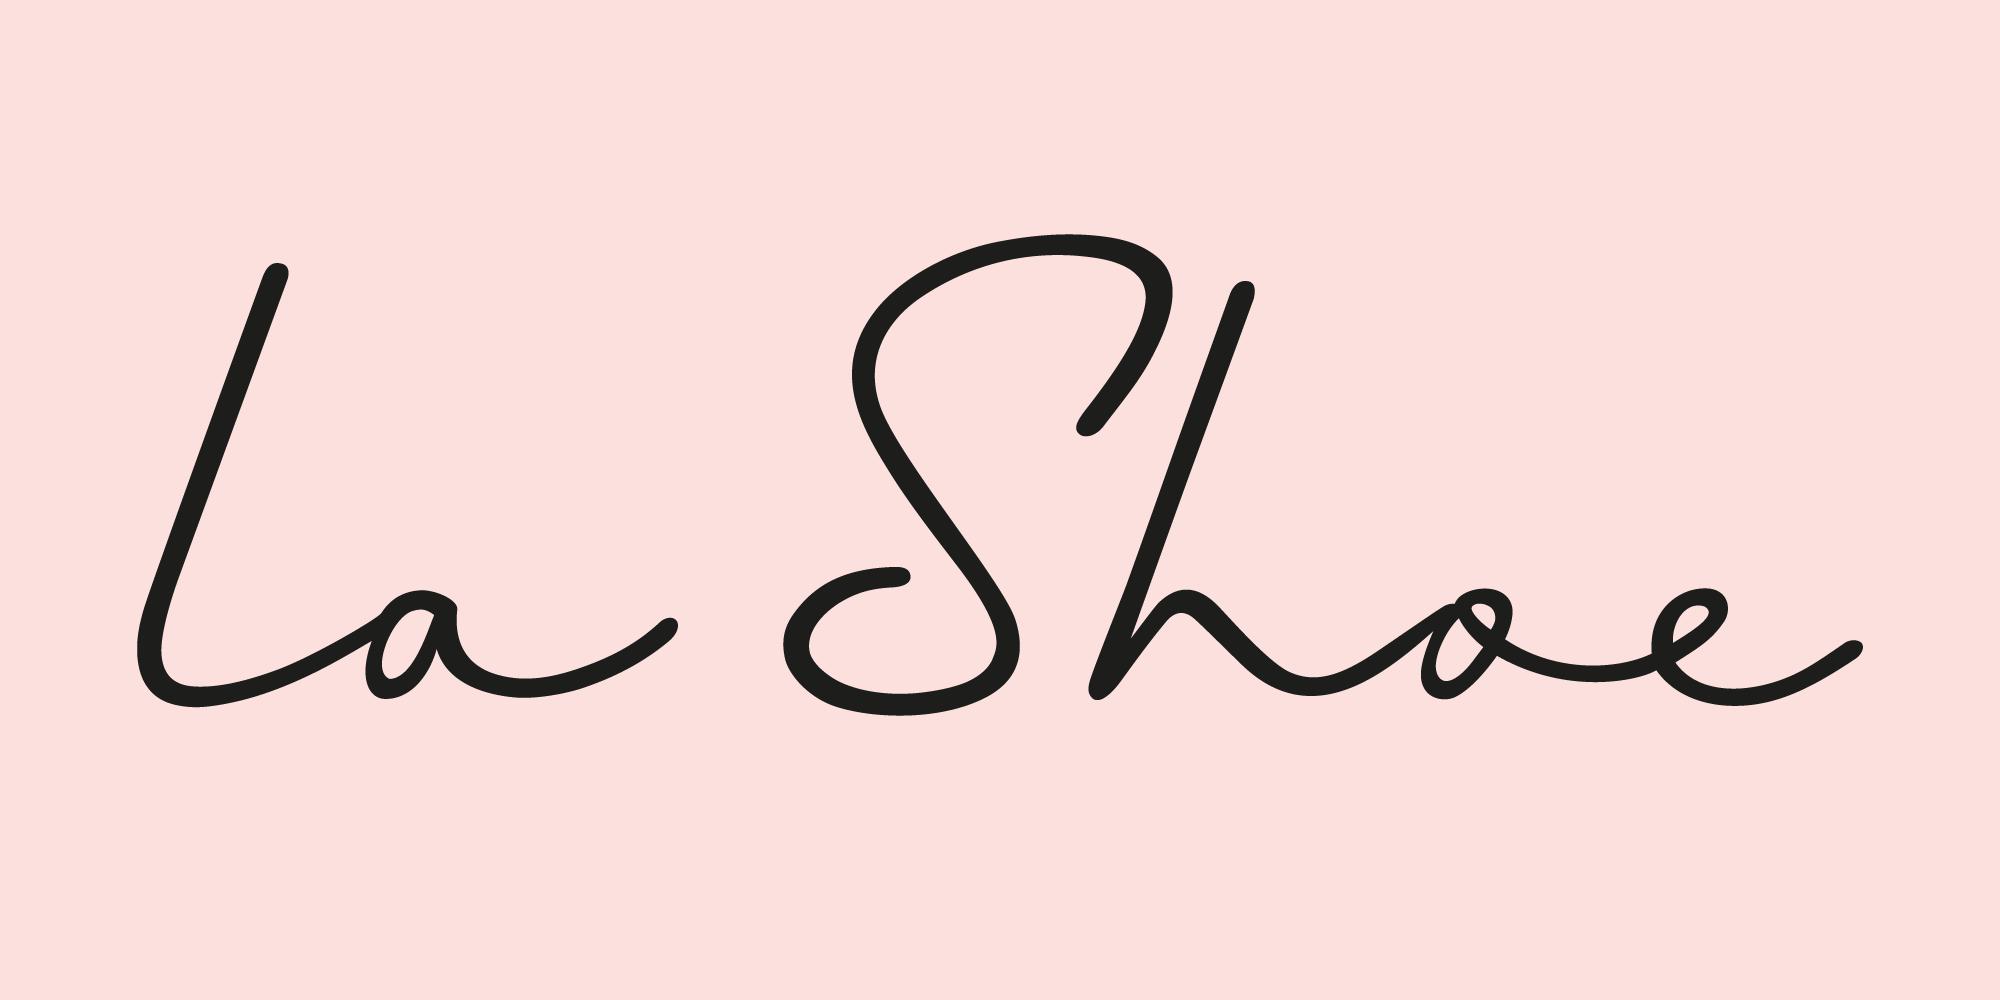 lashoe.de